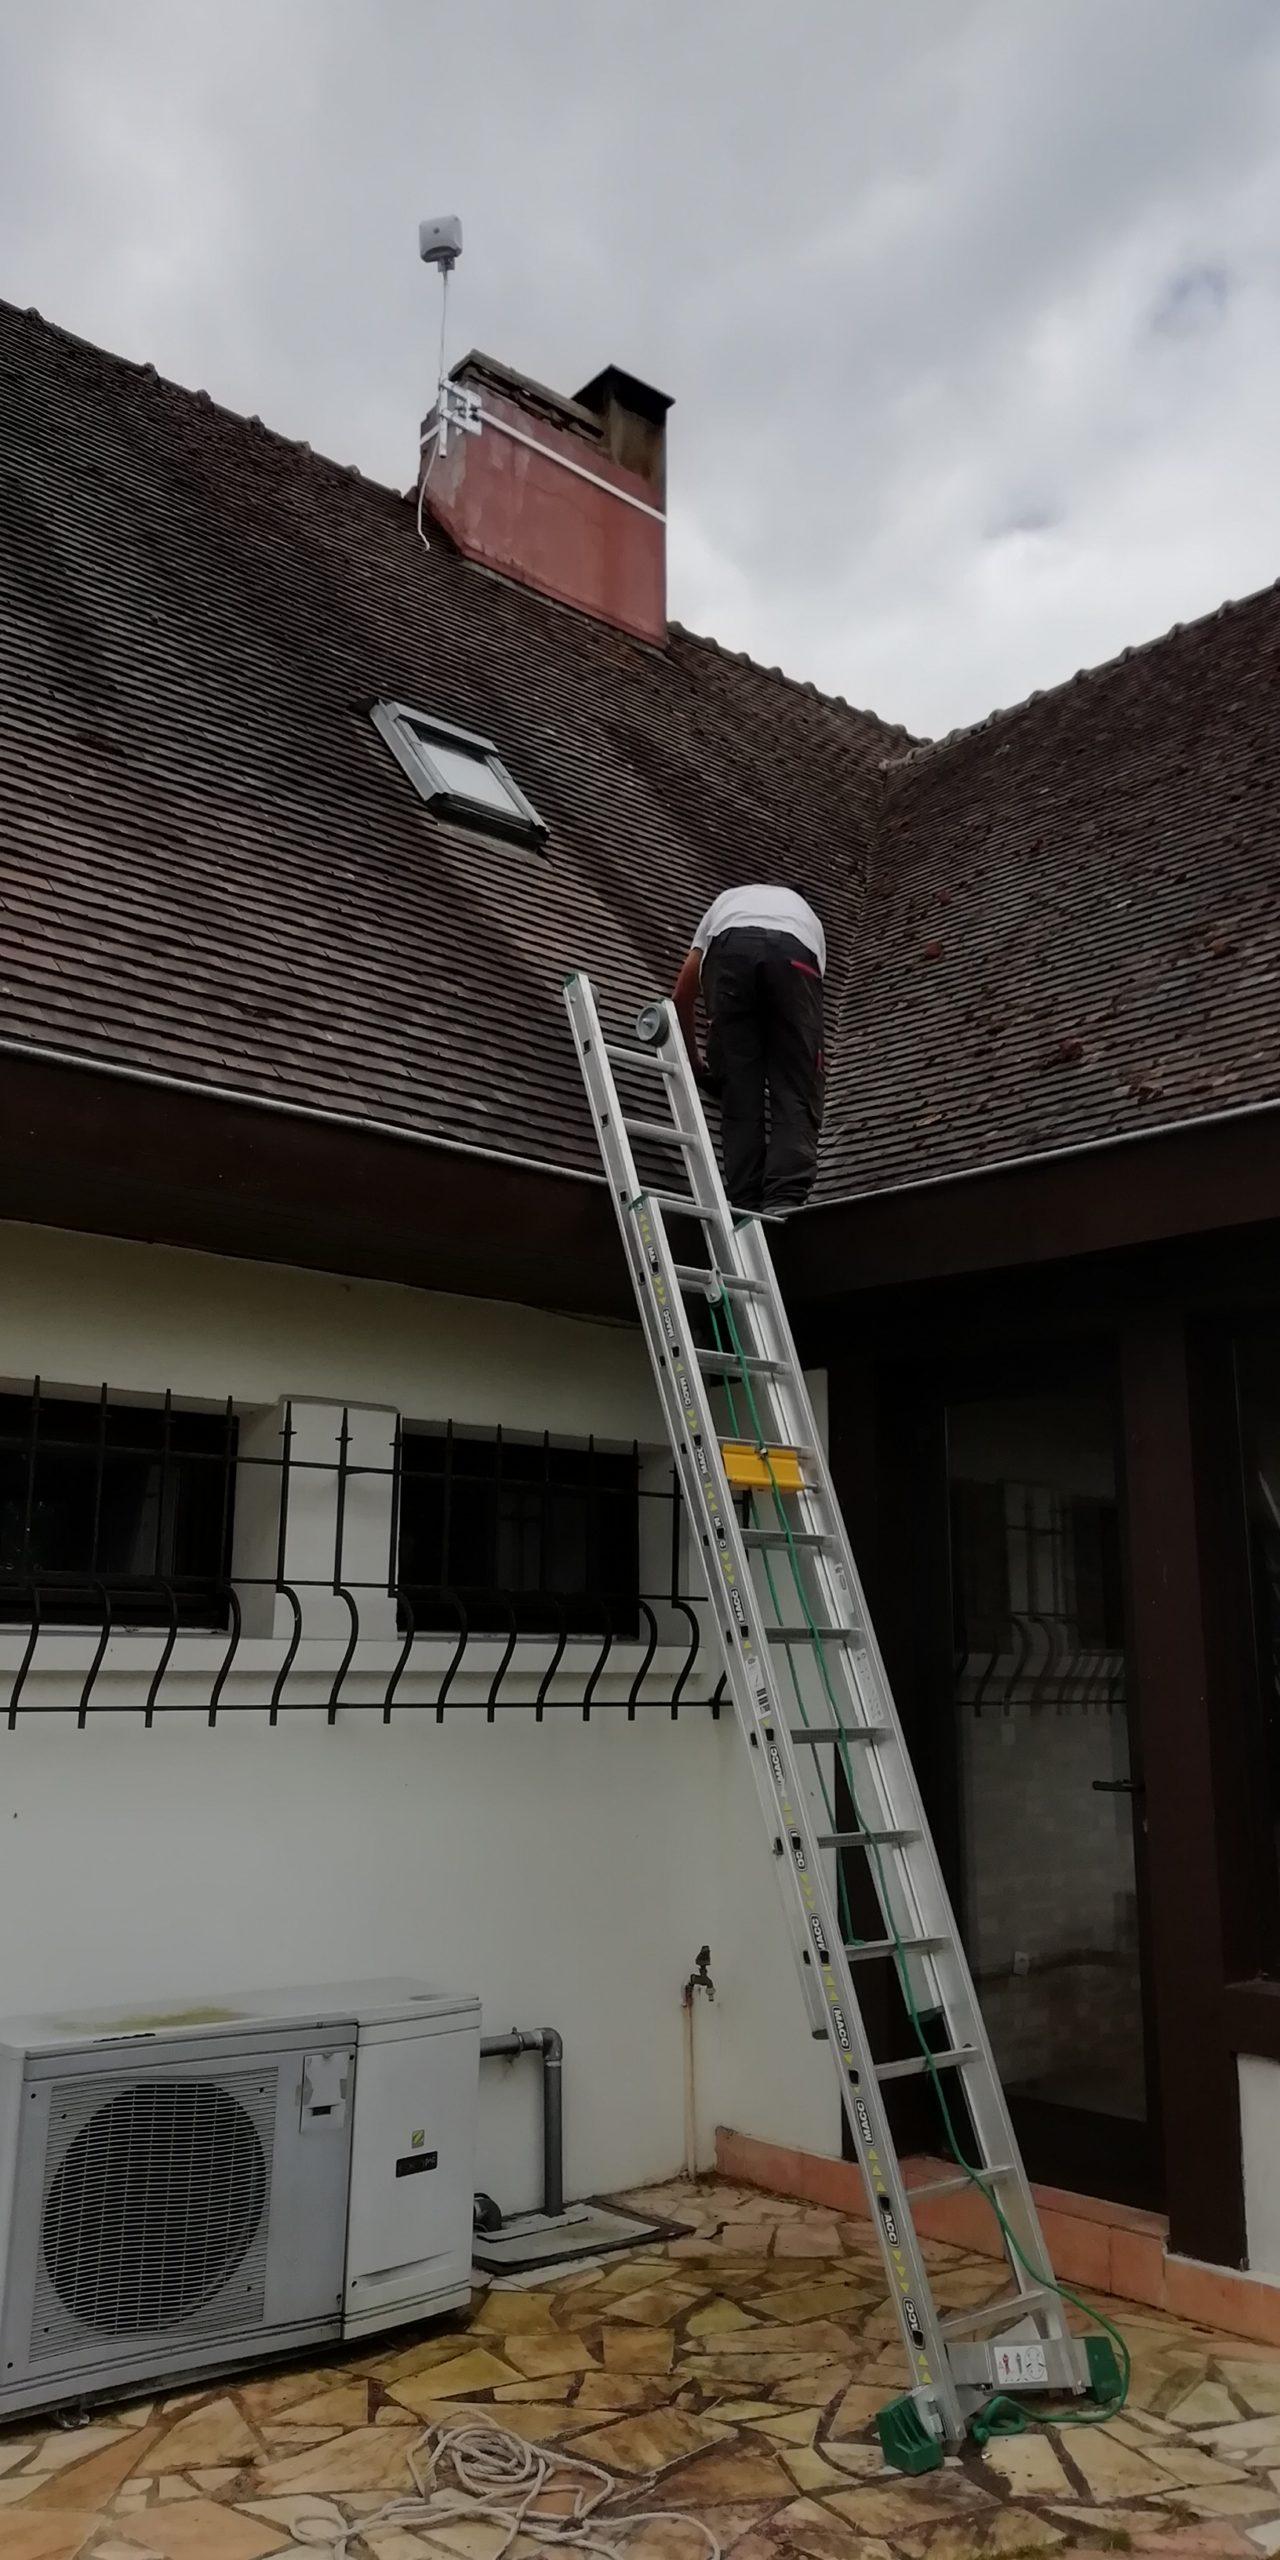 installateur antenne internet 4G 5G Normandie 3